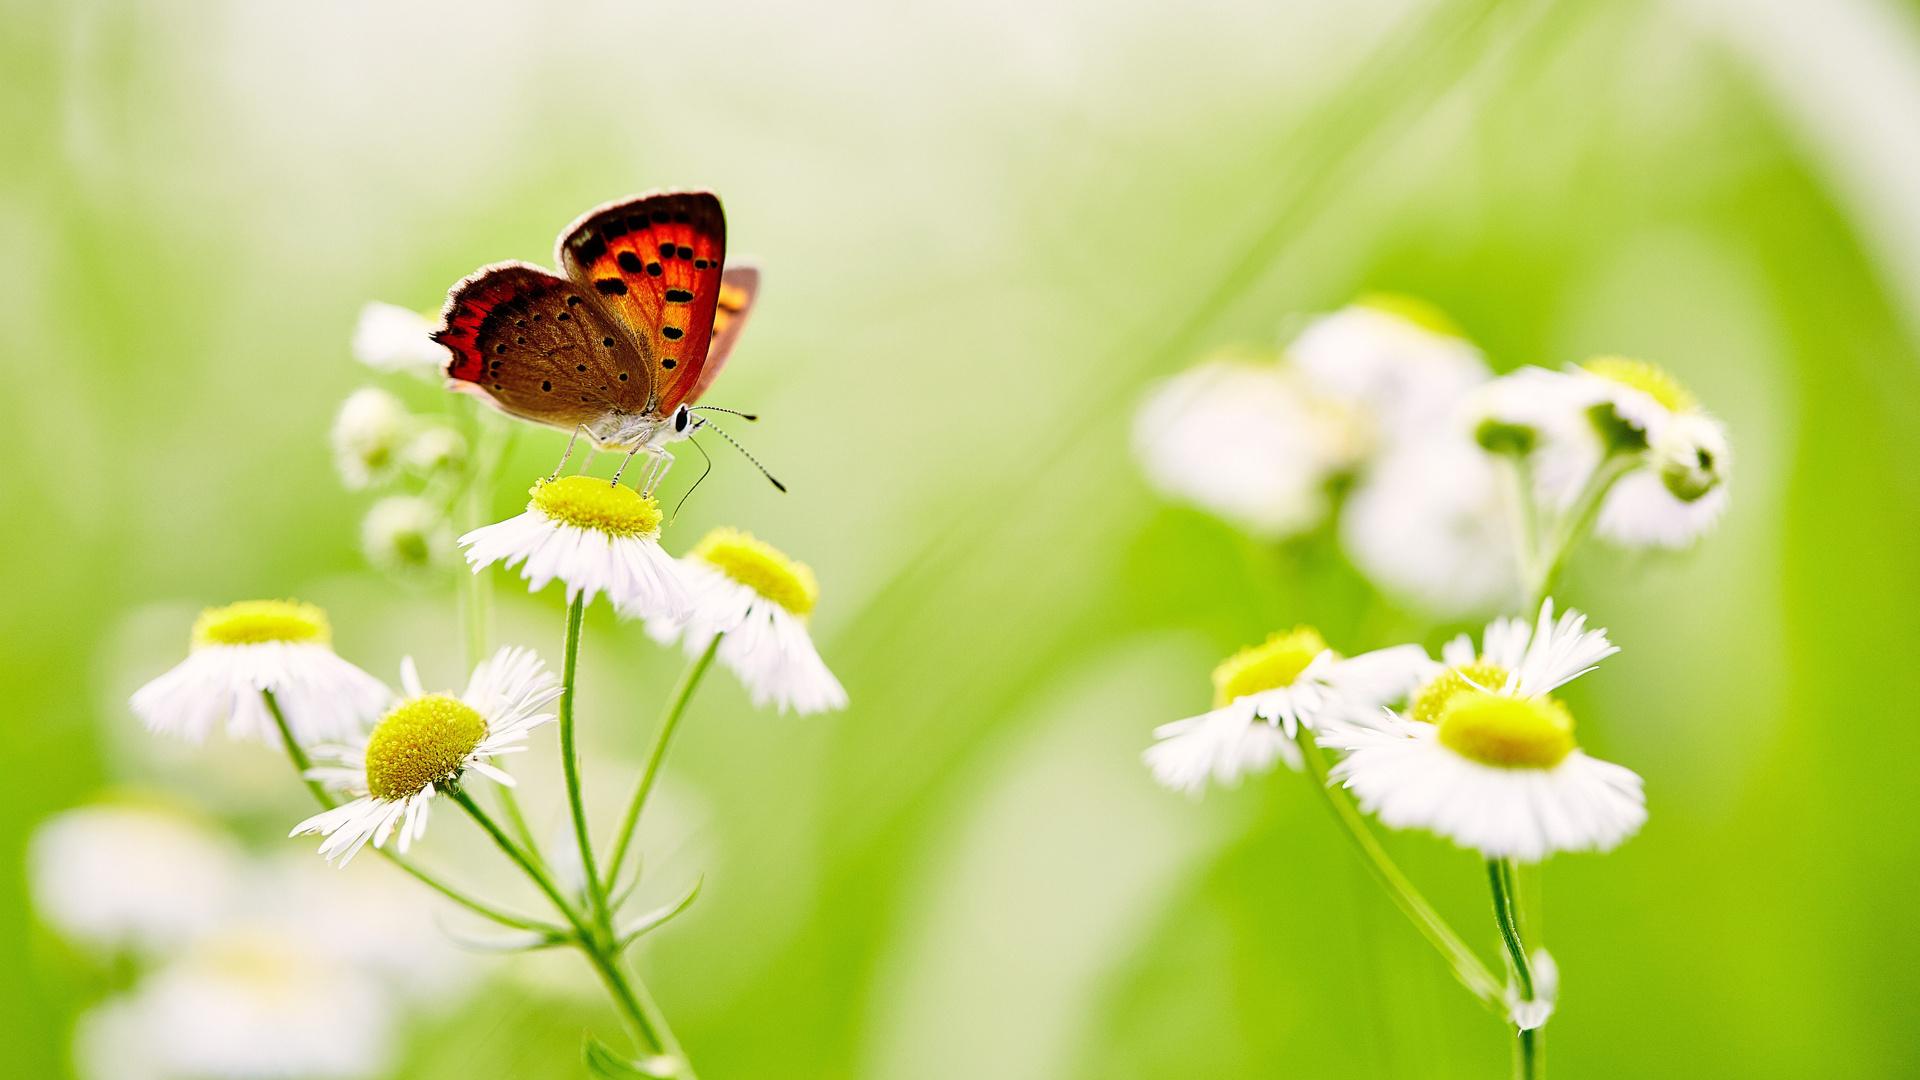 Hình nền máy tính bươm bướm